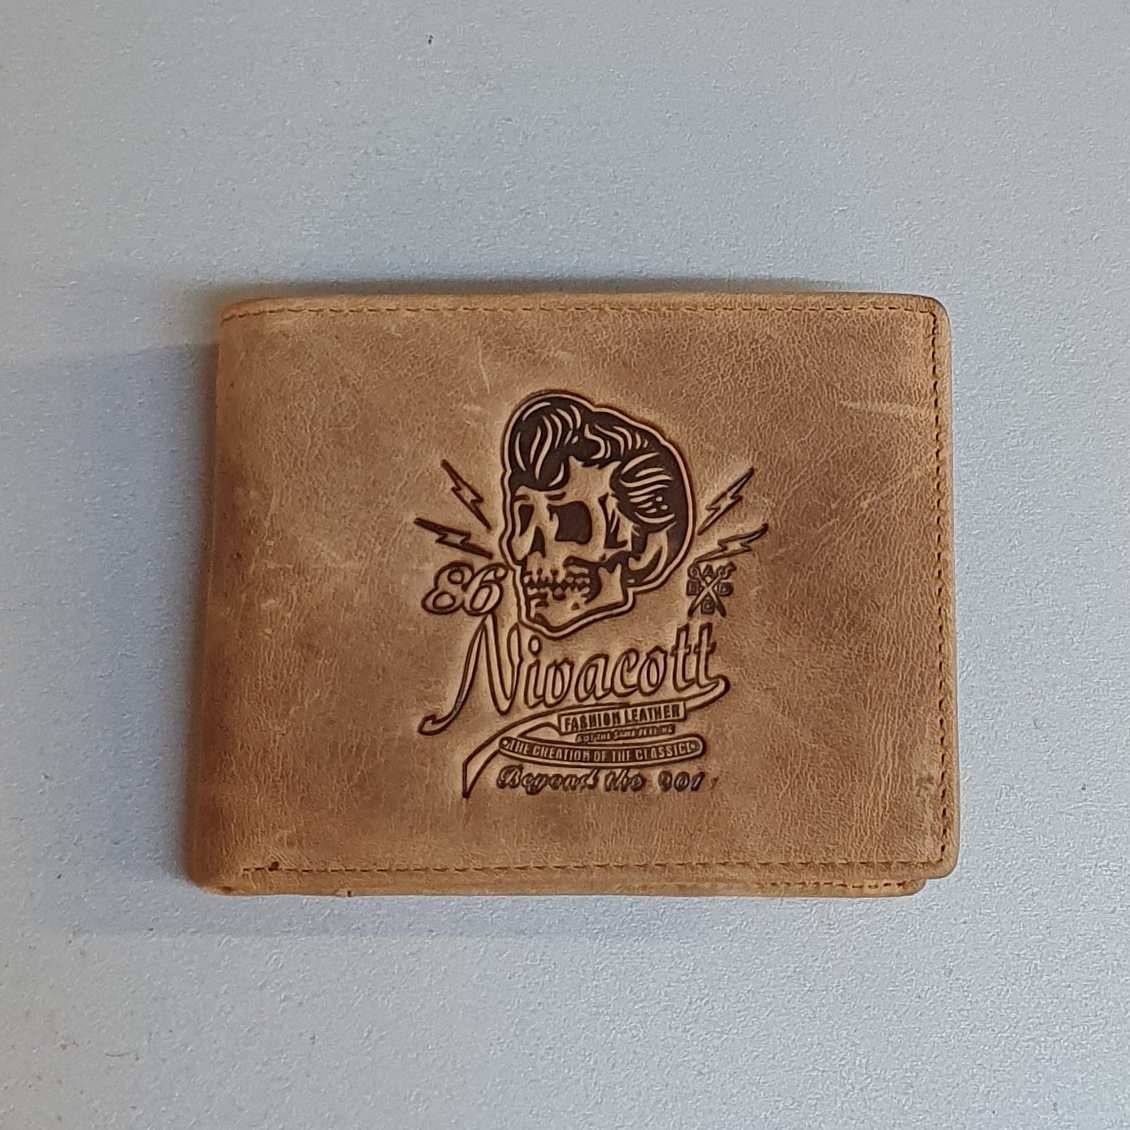 Винтажный бумажник «Esiposs» из натурального нубука песочного цвета купить. Цена 690 грн